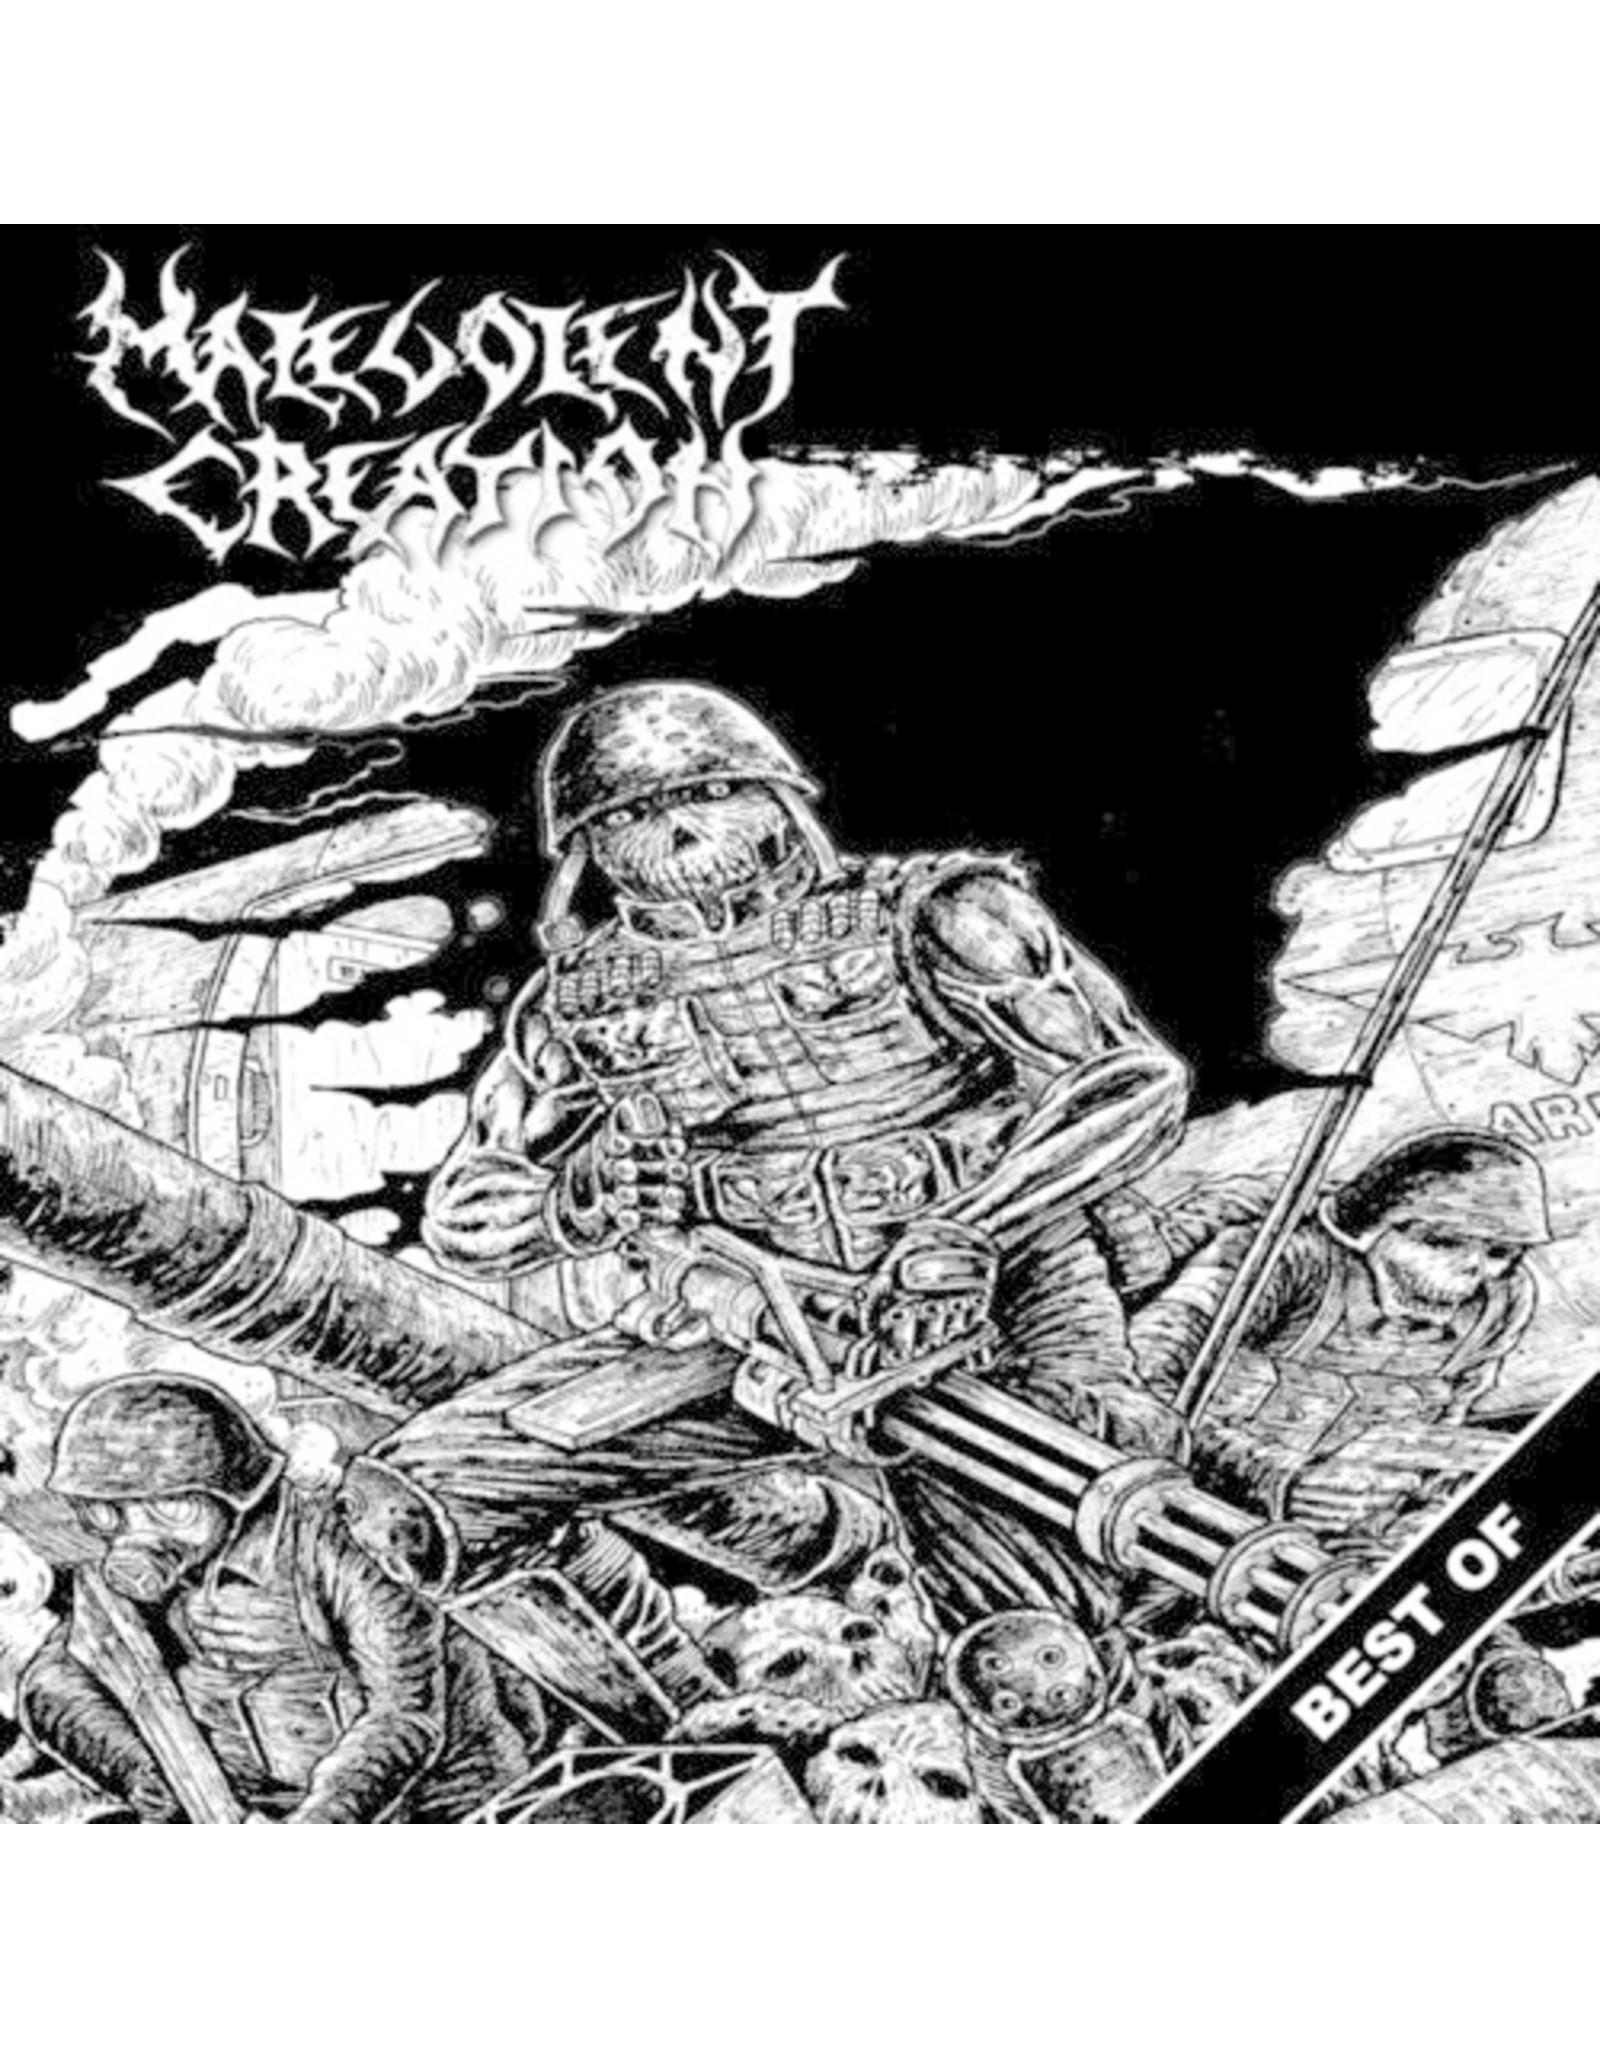 New Vinyl Malevolent Creation - Best Of LP